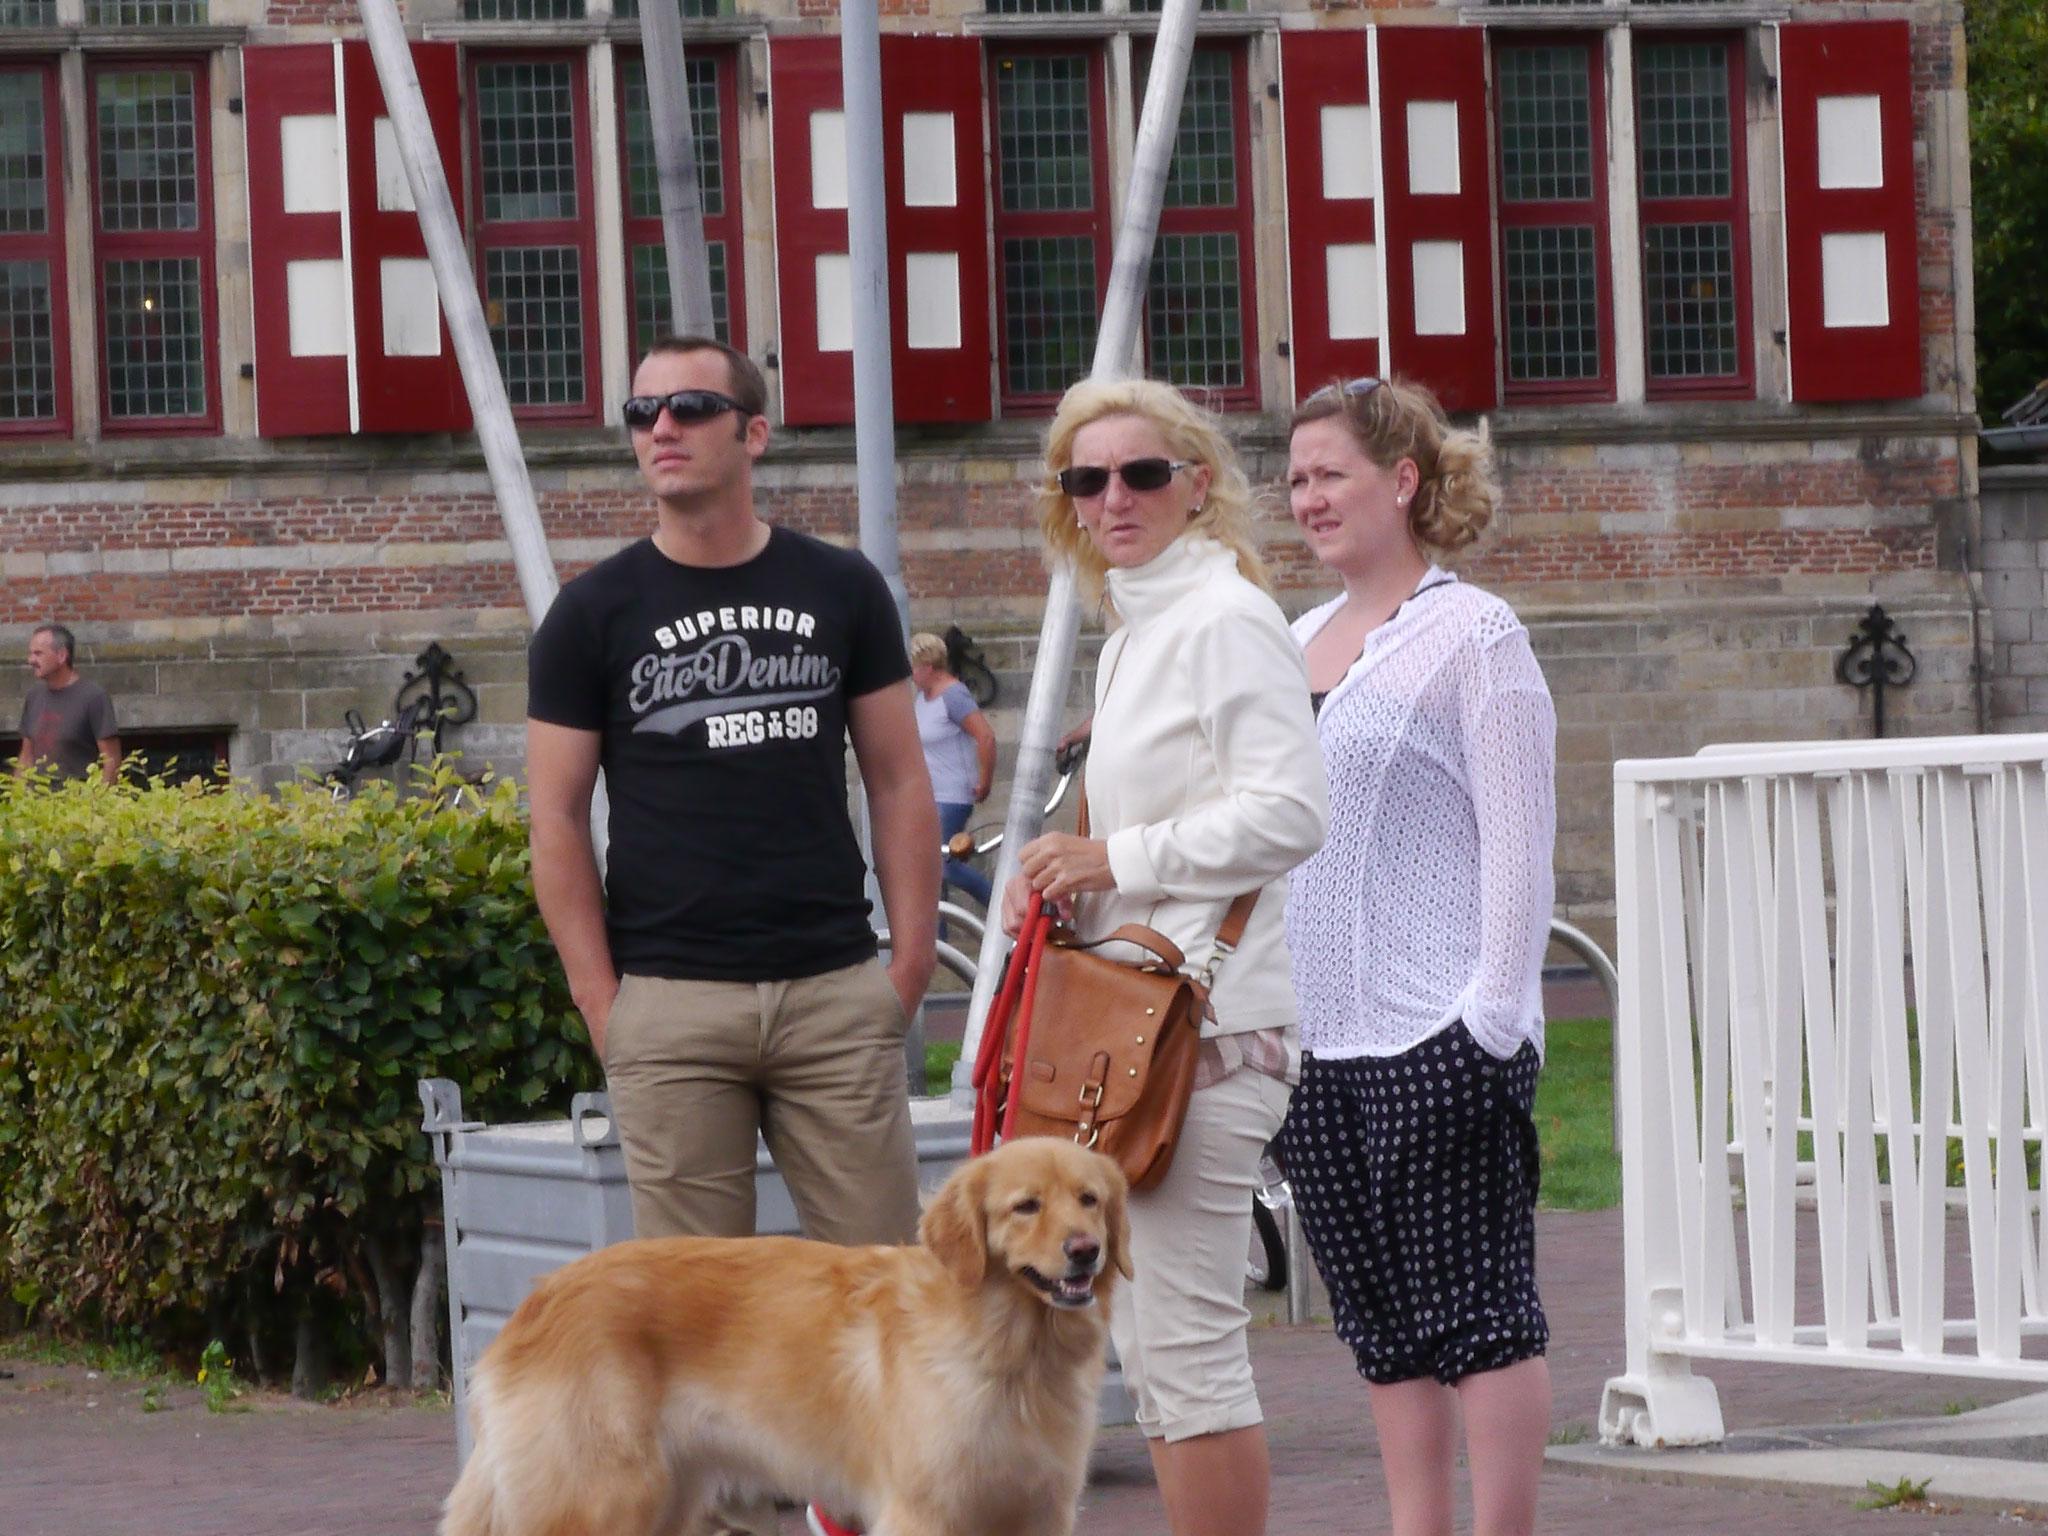 Stadtbesichtigung in Middelbourg mit den Zweibeinern